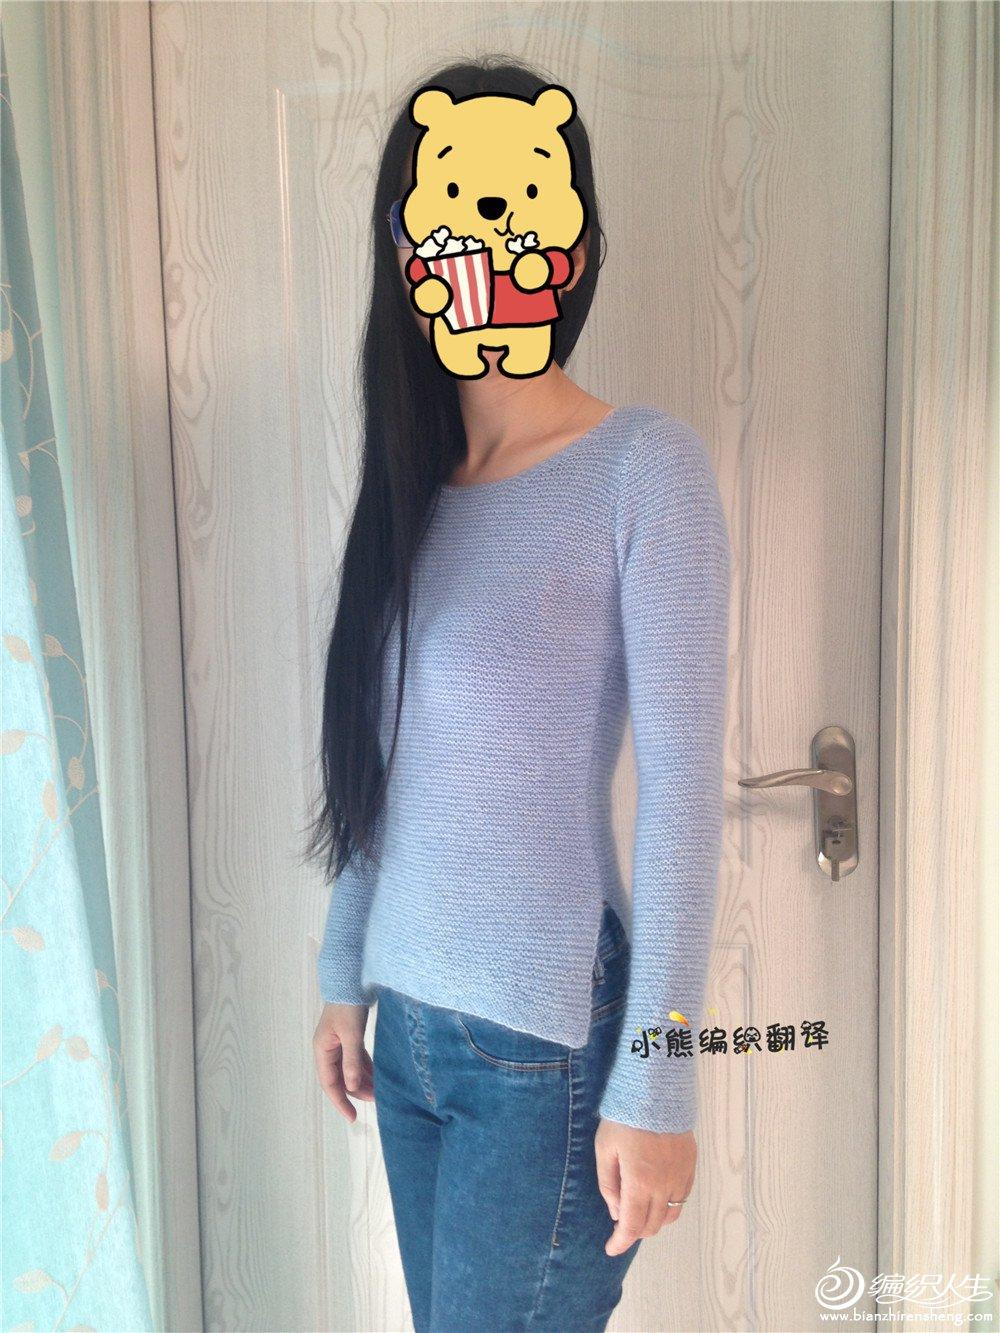 【引用译文+仿品】小熊翻译——亲爱的你 - 壹一 - 壹一编织博客